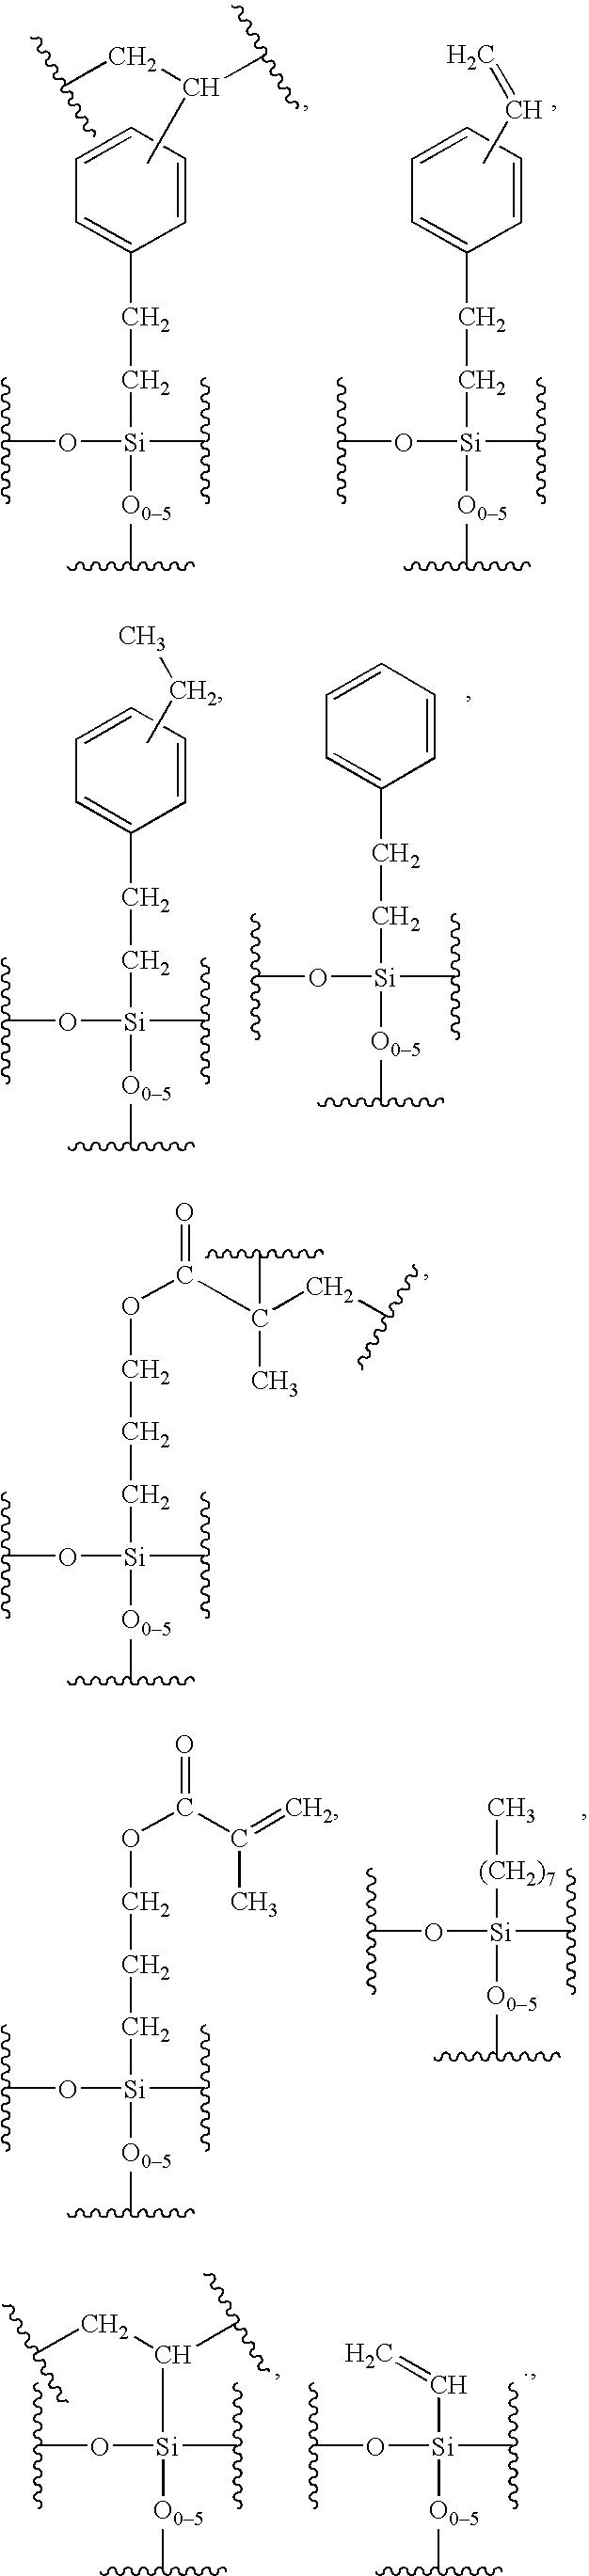 Figure US20050230298A1-20051020-C00007